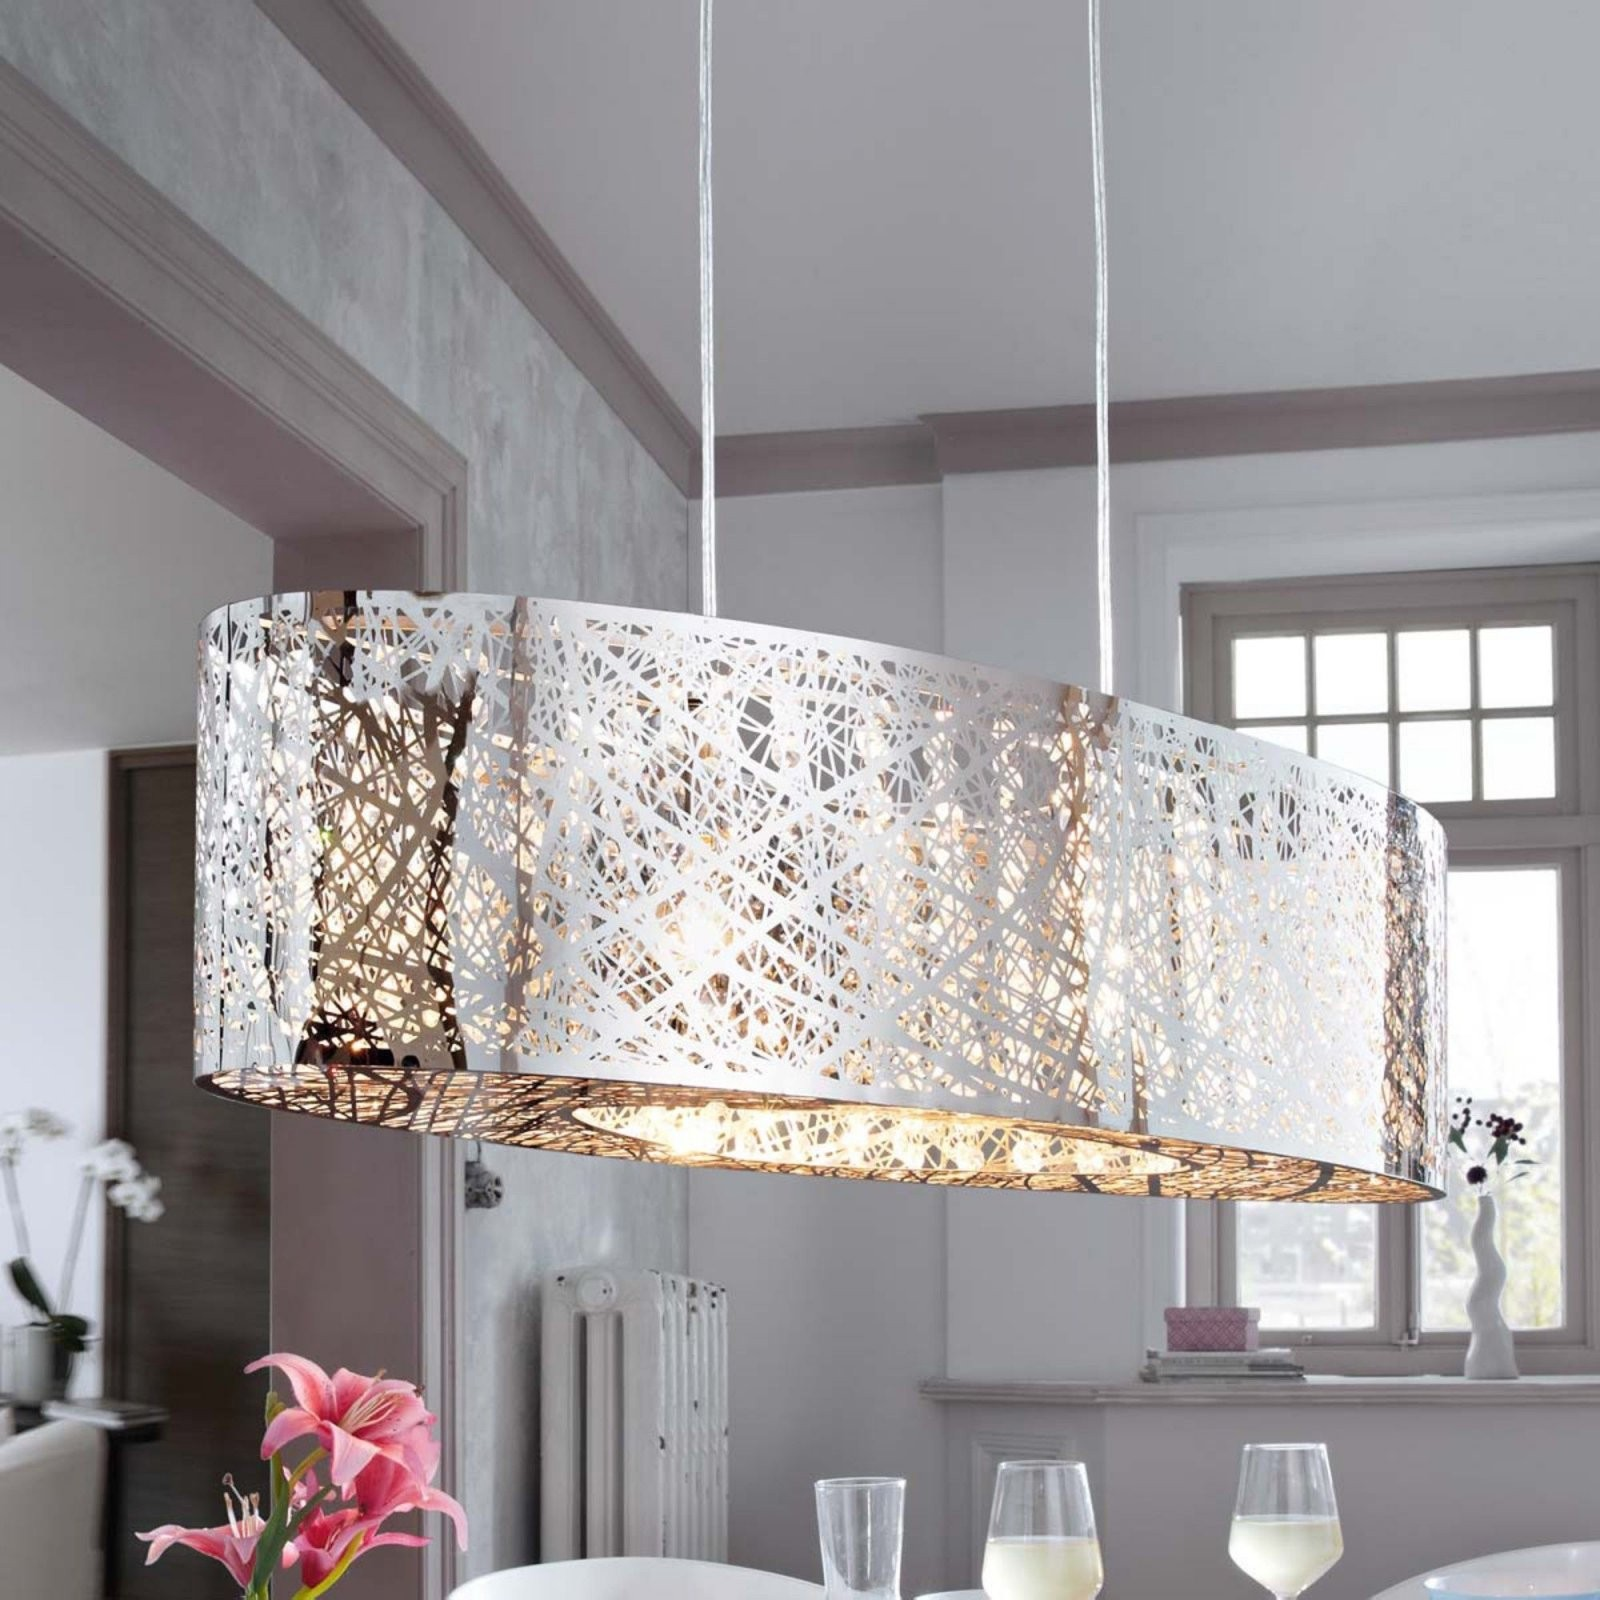 Design Pendelleuchte Hängeleuchte Esstisch Deckenleuchte Design von Moderne Deckenleuchten Für Wohnzimmer Bild